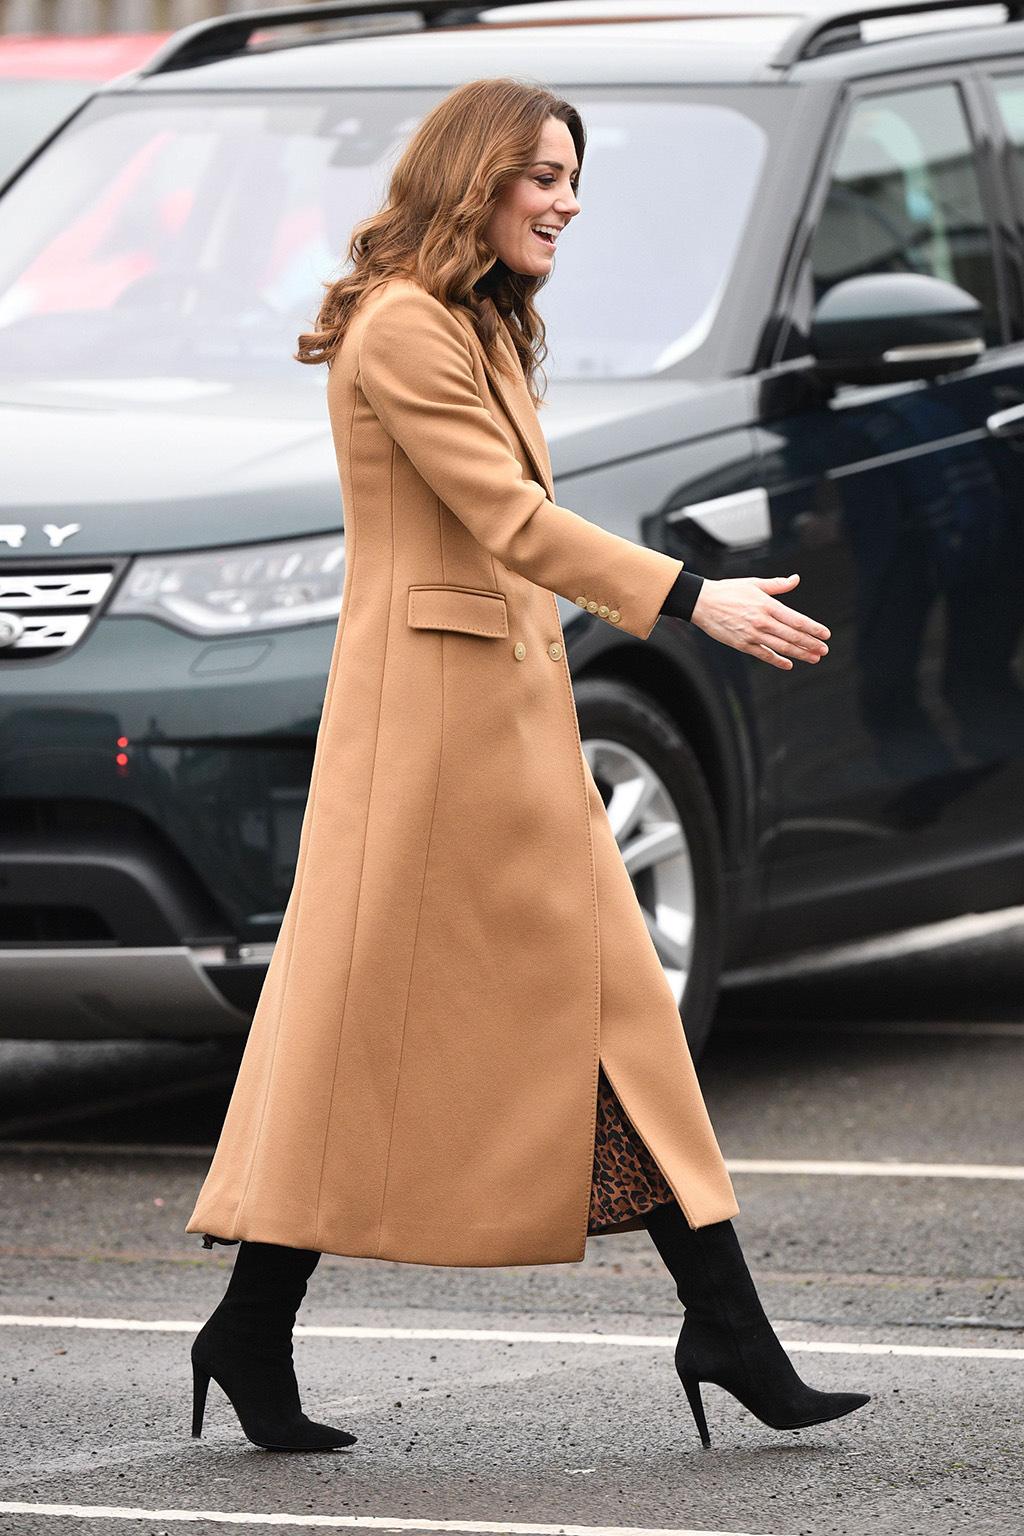 """Chẳng ngờ phía sau set đồ tưởng chừng giản dị của Công nương Kate Middleton lại """"chất chơi"""" nhường vậy - Ảnh 6."""